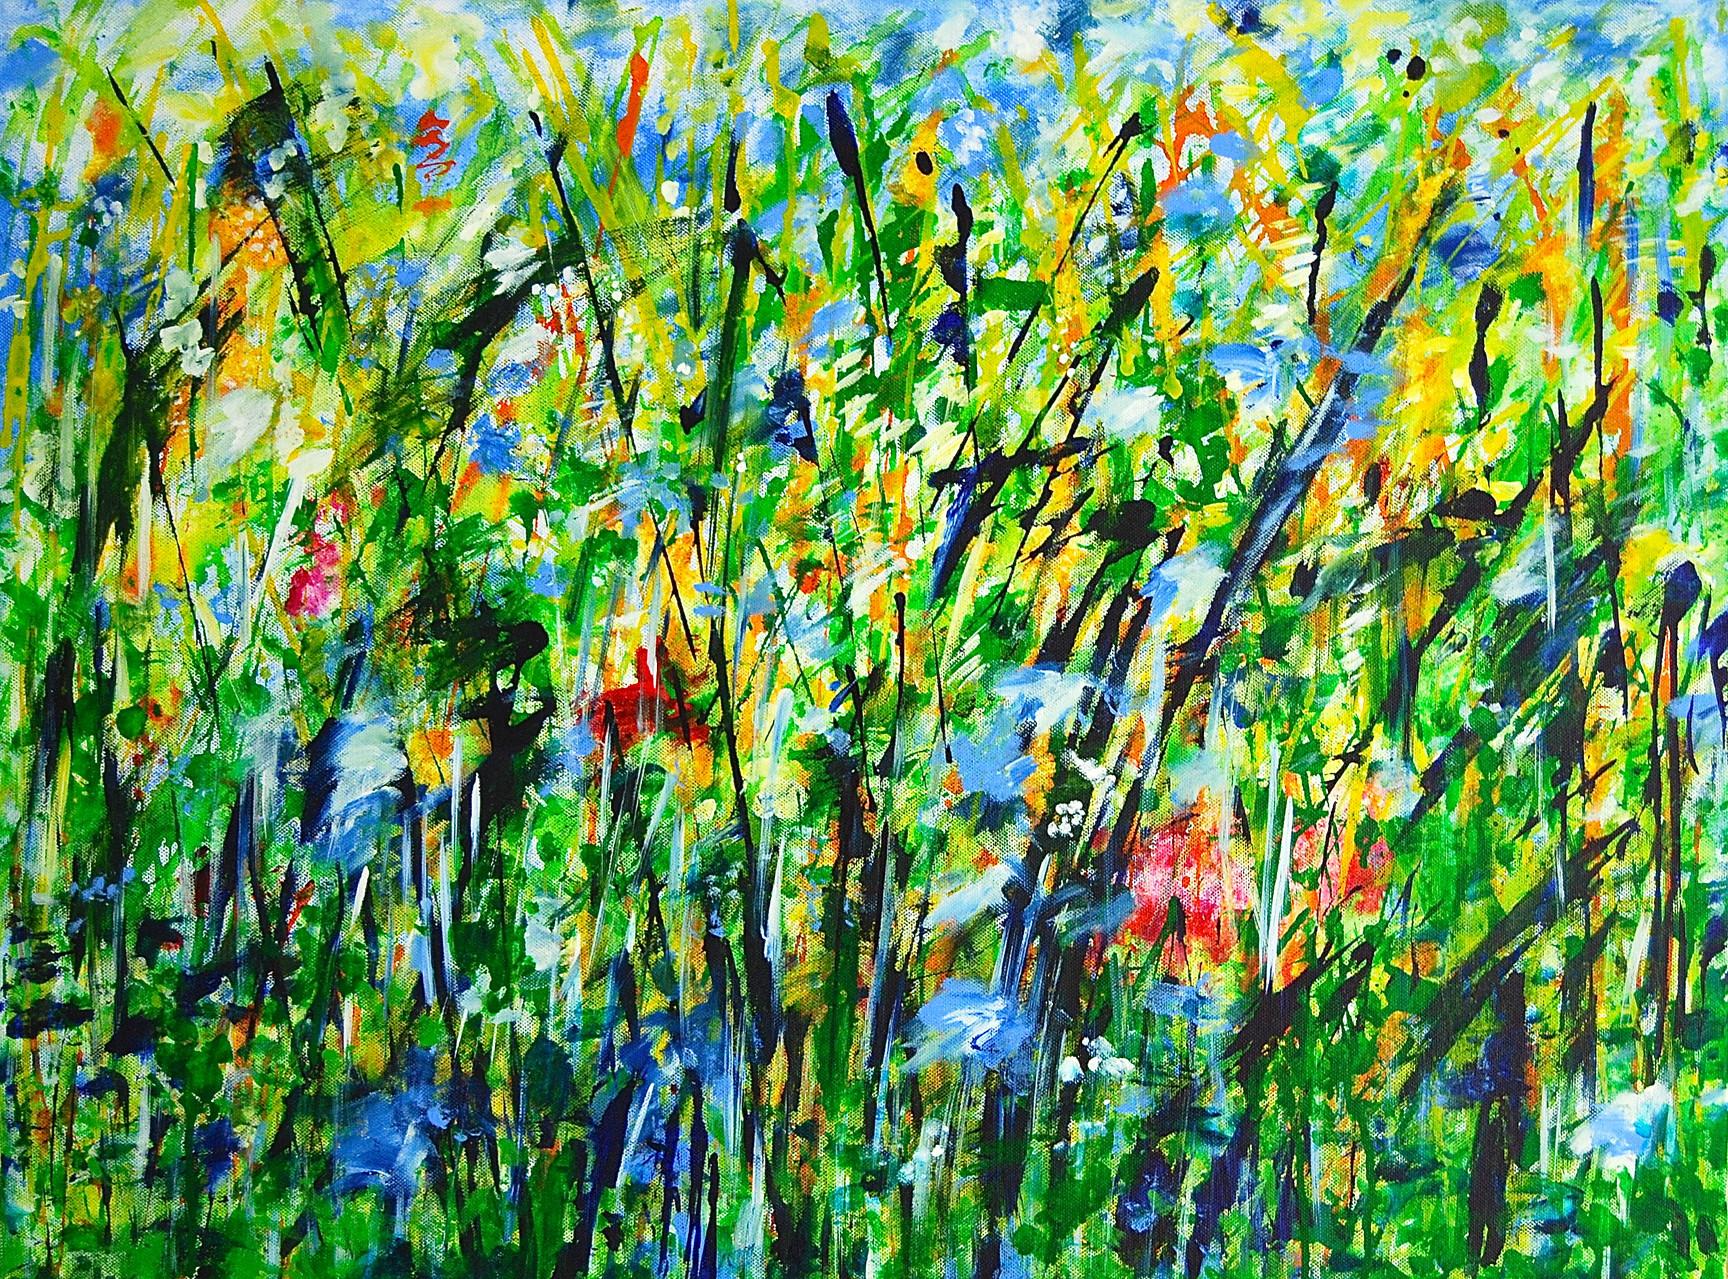 Gräser, Acryl auf Leinwand, 60 x 80 cm, 2014